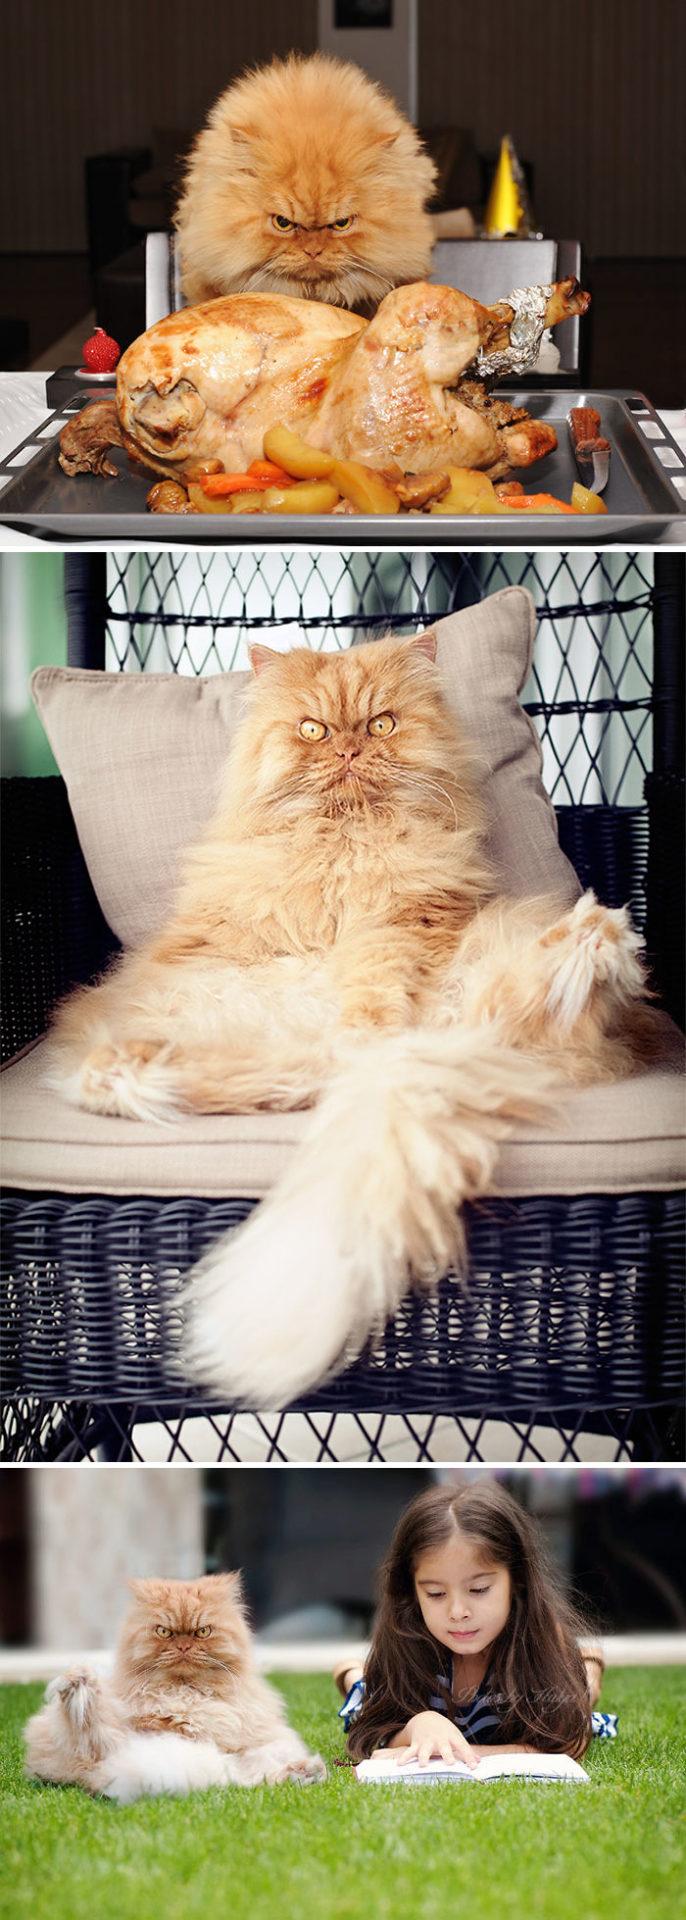 2. Этот кот явно замышляет что-то коварное.